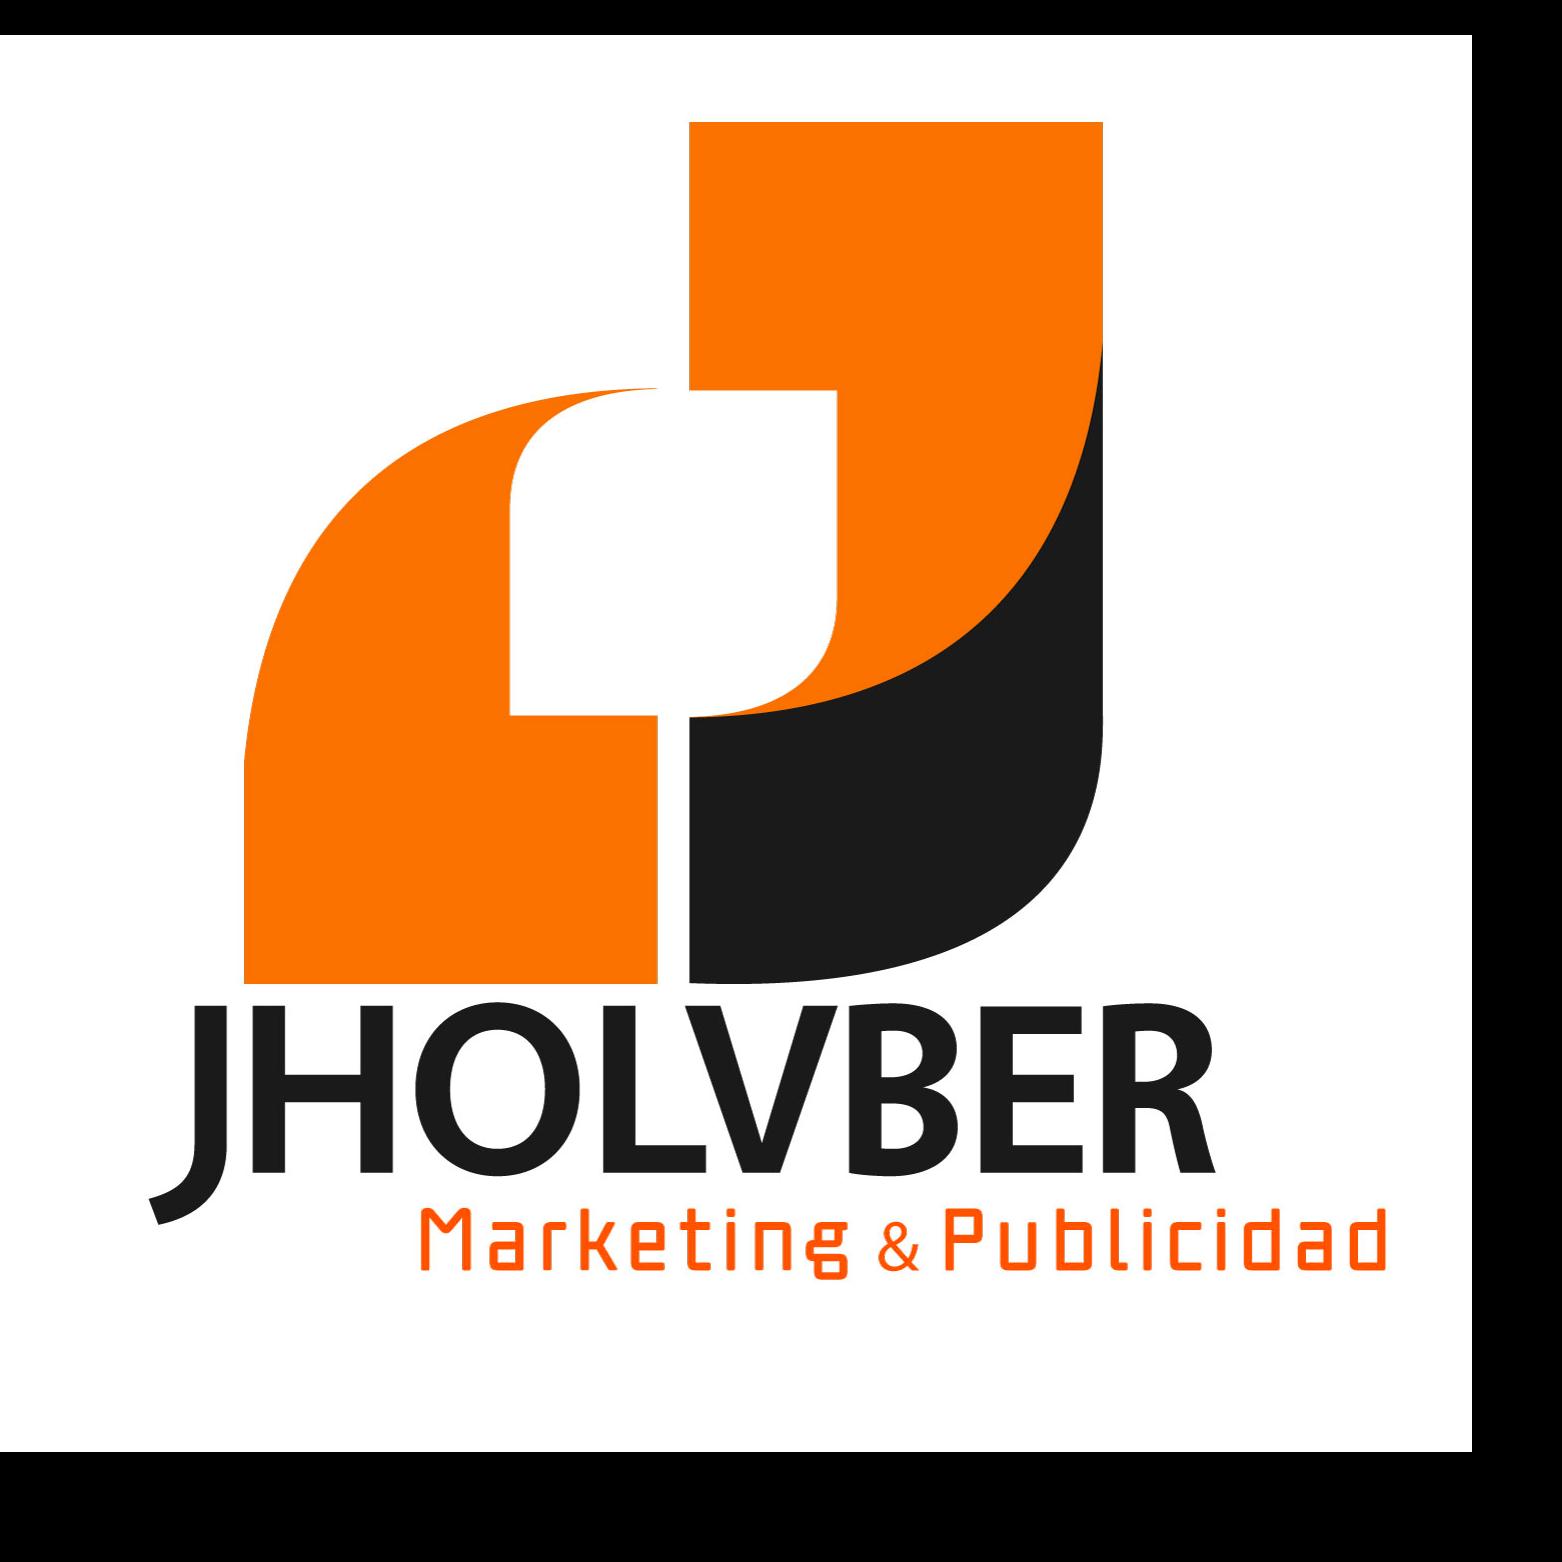 Jholvber